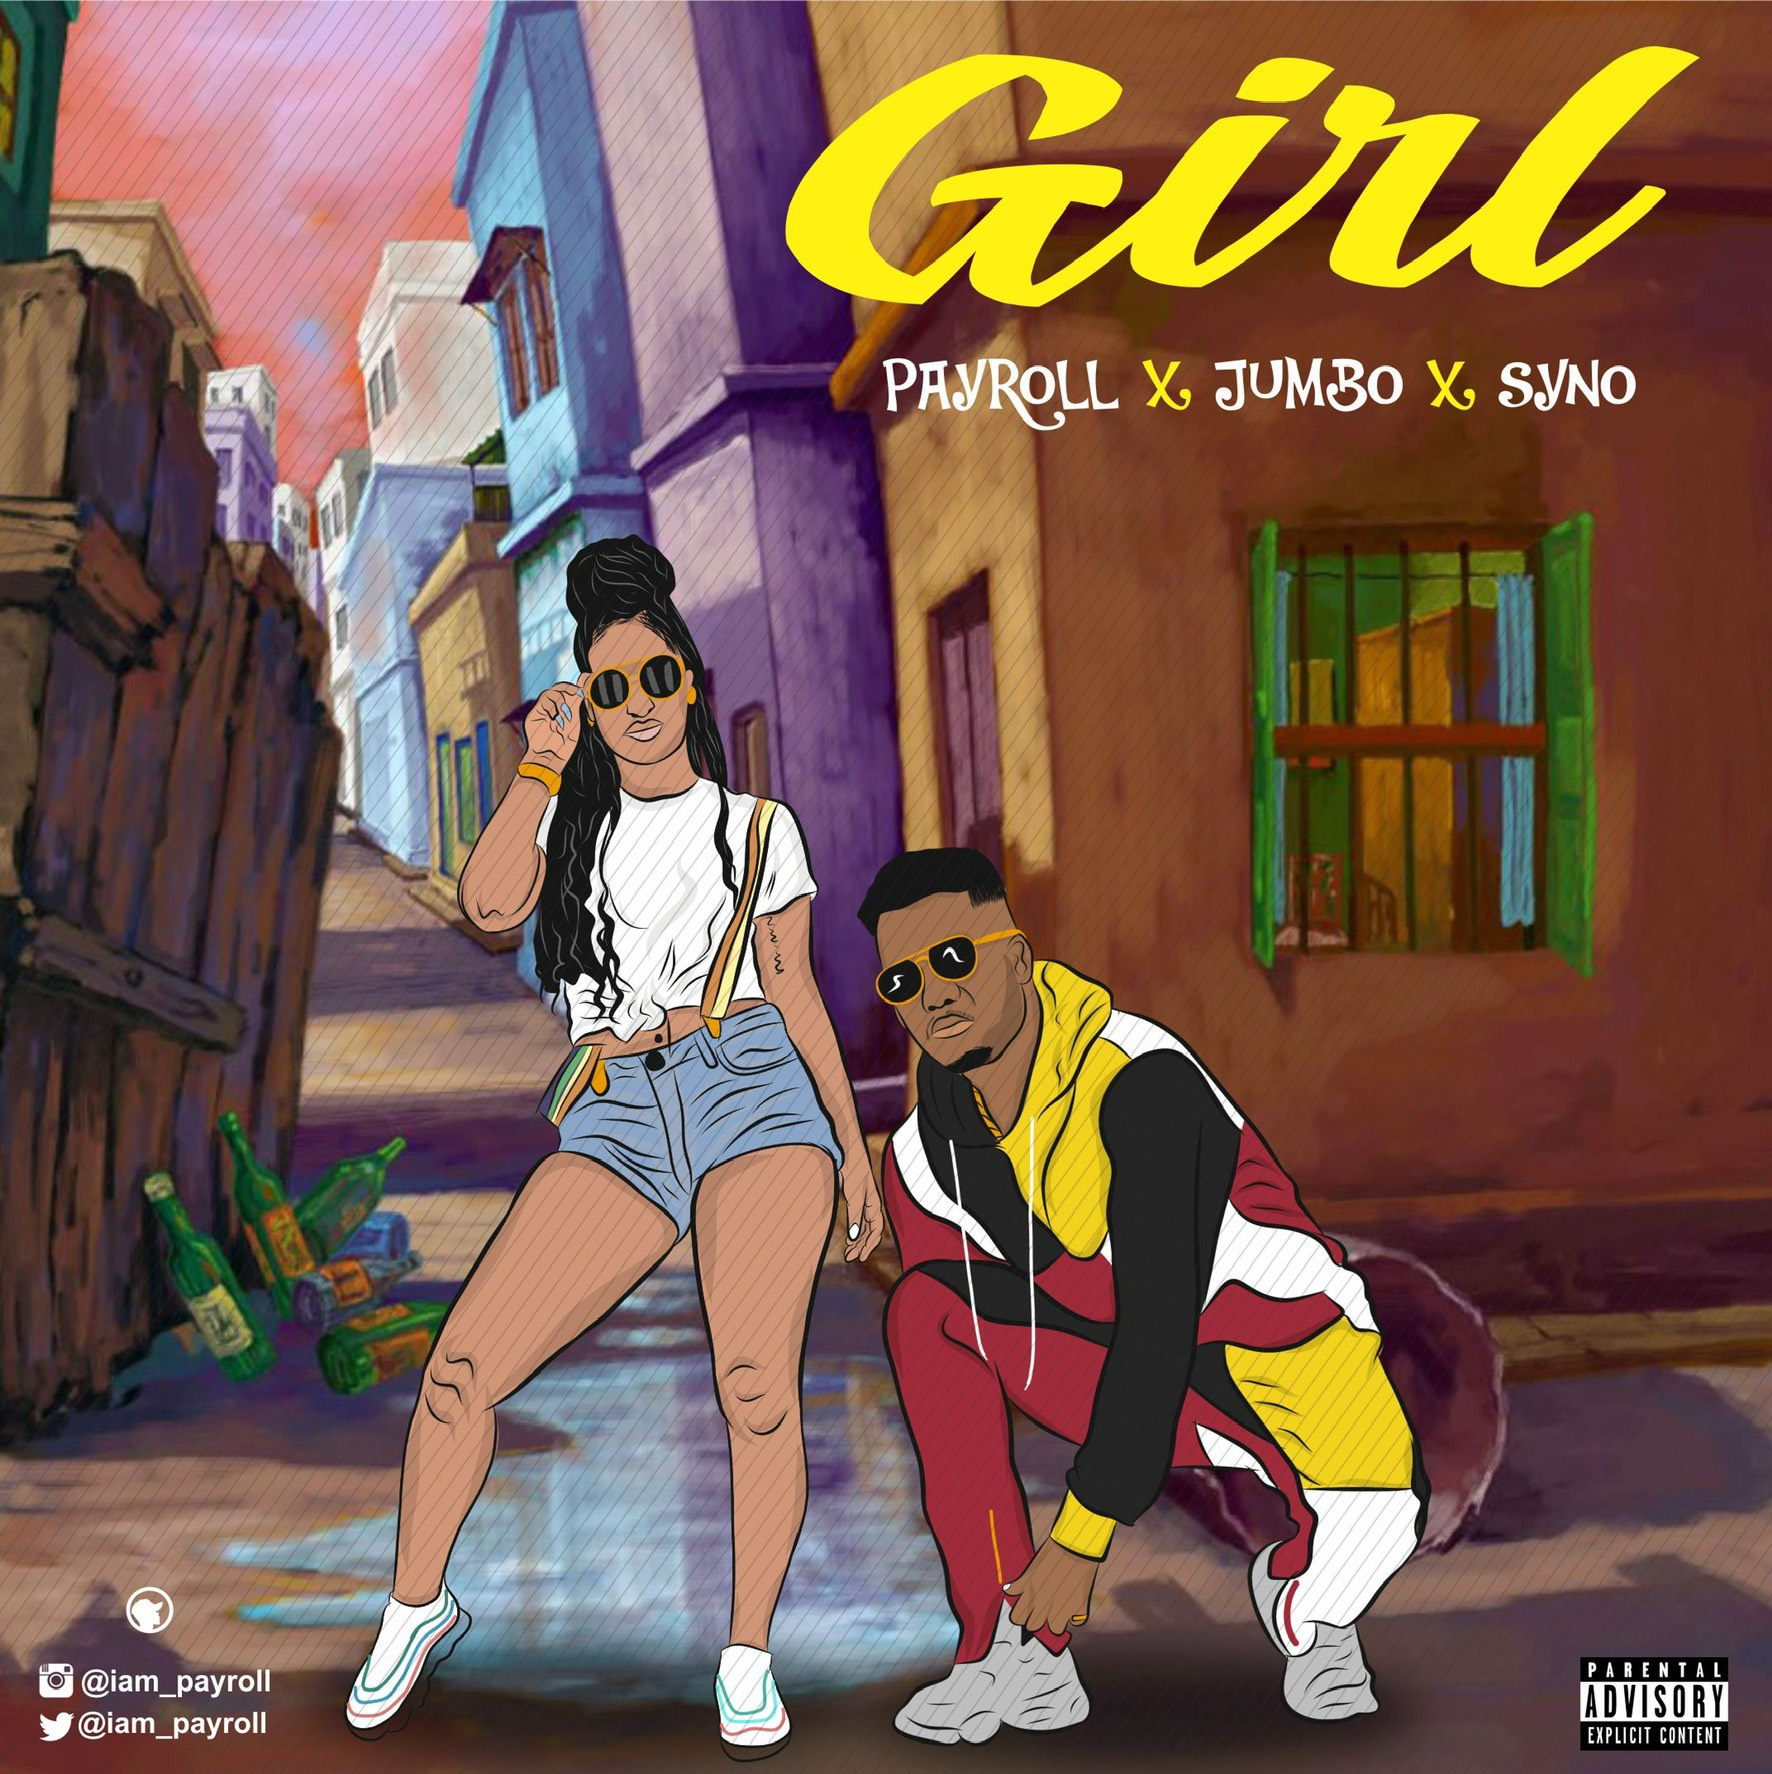 Payroll – Girl ft. Jumbo x Syno